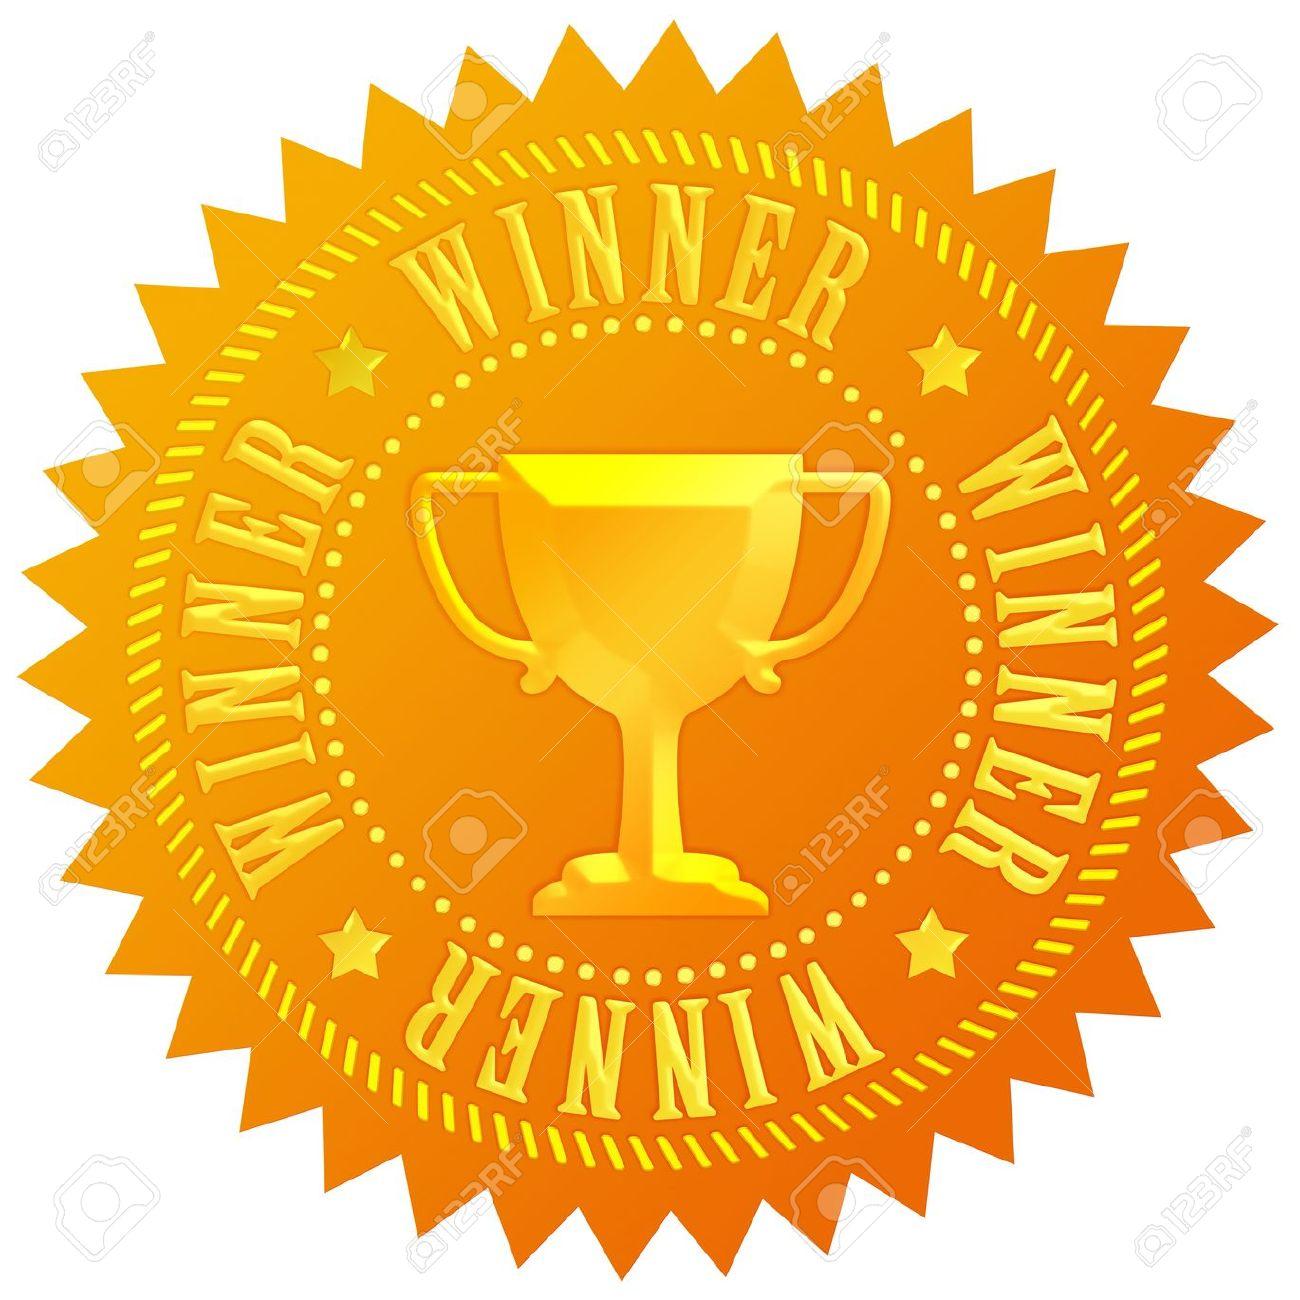 Winner gold medal Stock Photo - 10101151